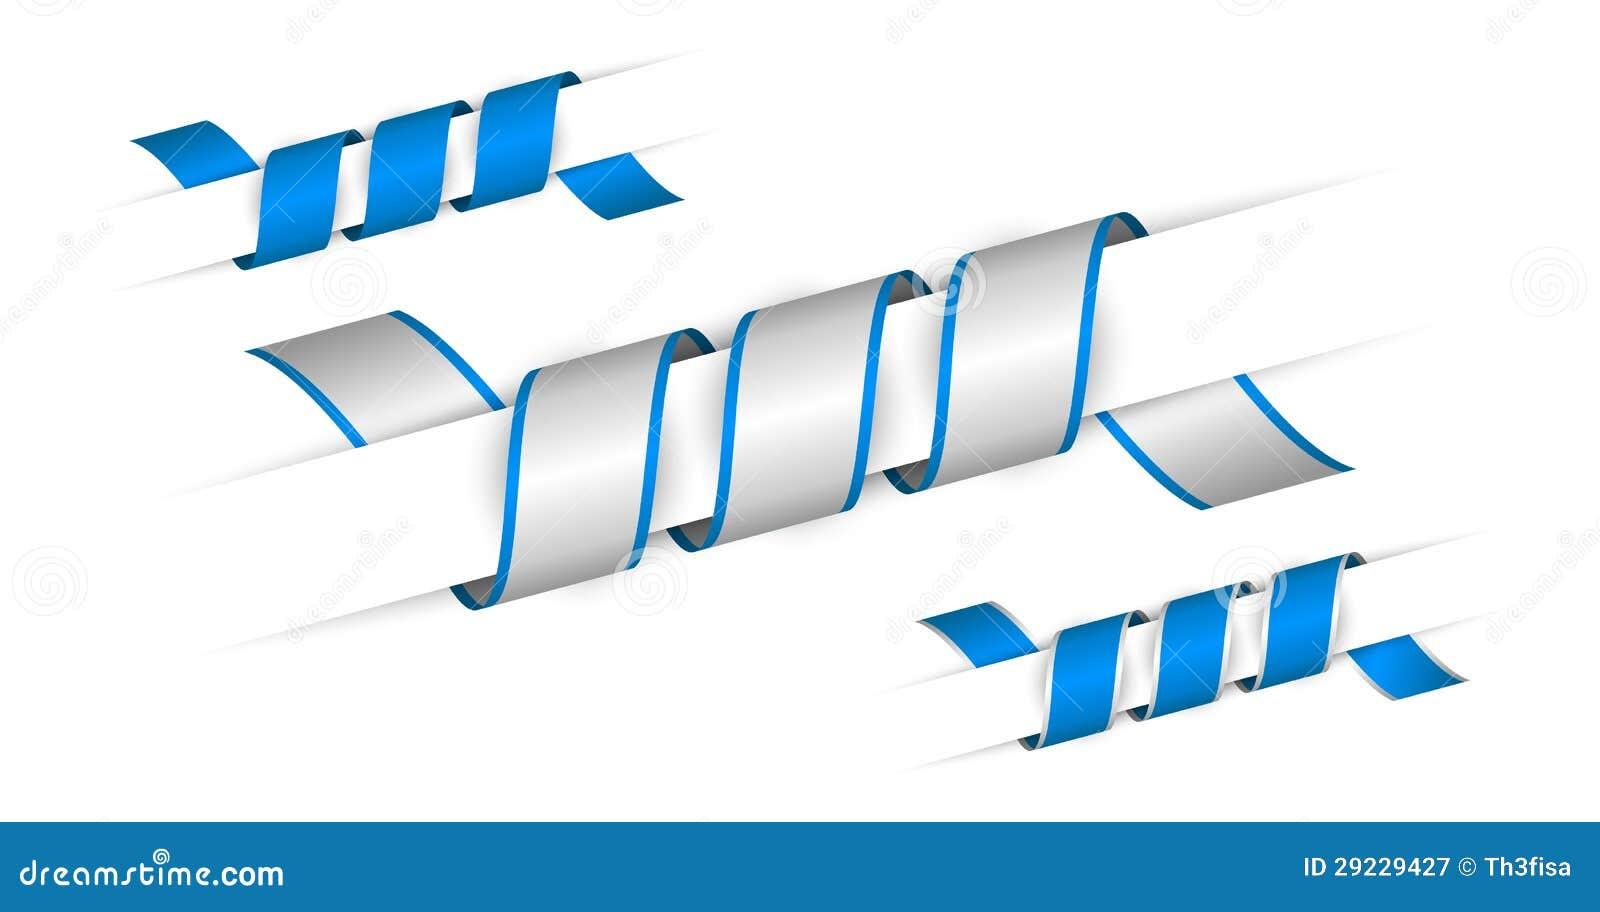 Download Grupo De Fitas Torcidas Azuis Ilustração Stock - Ilustração de borda, linha: 29229427